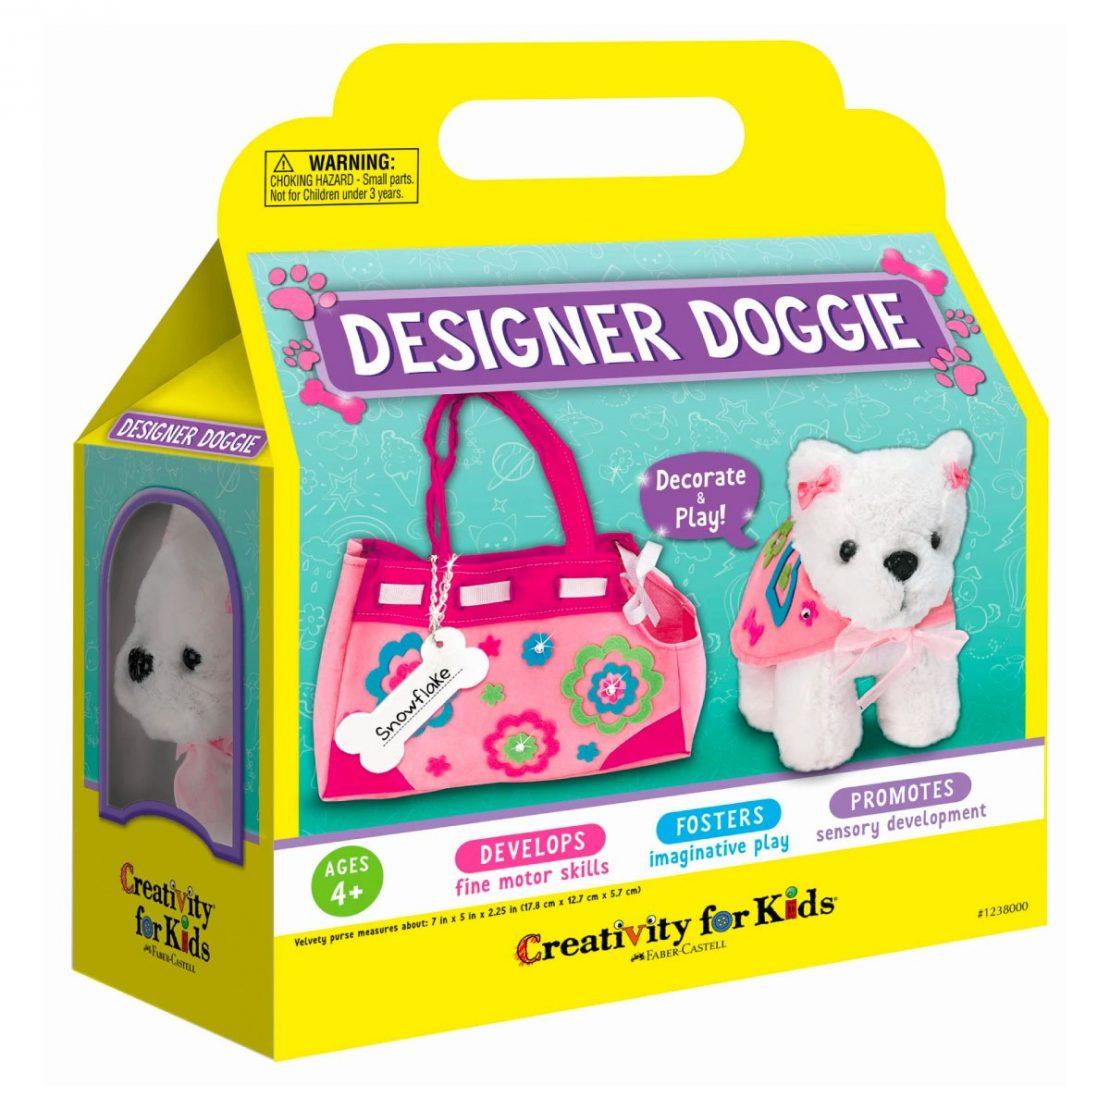 Designer Doggie kit from Creativity for Kids